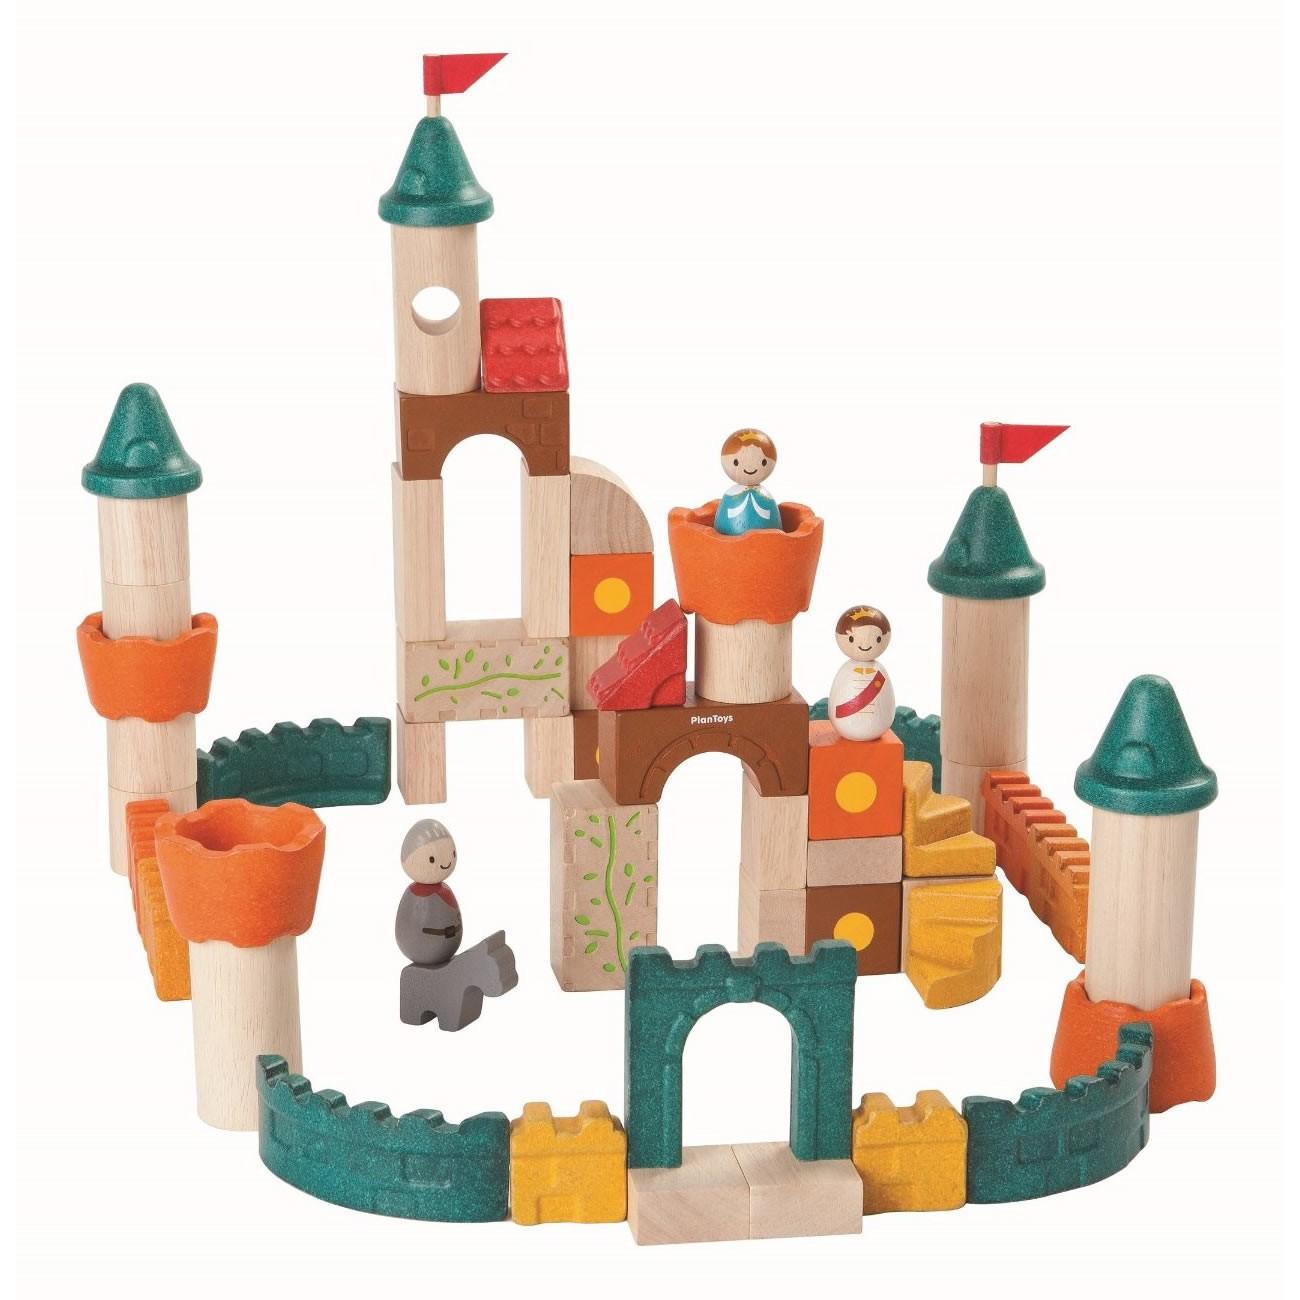 Afbeeldingsresultaat voor plan toys castle